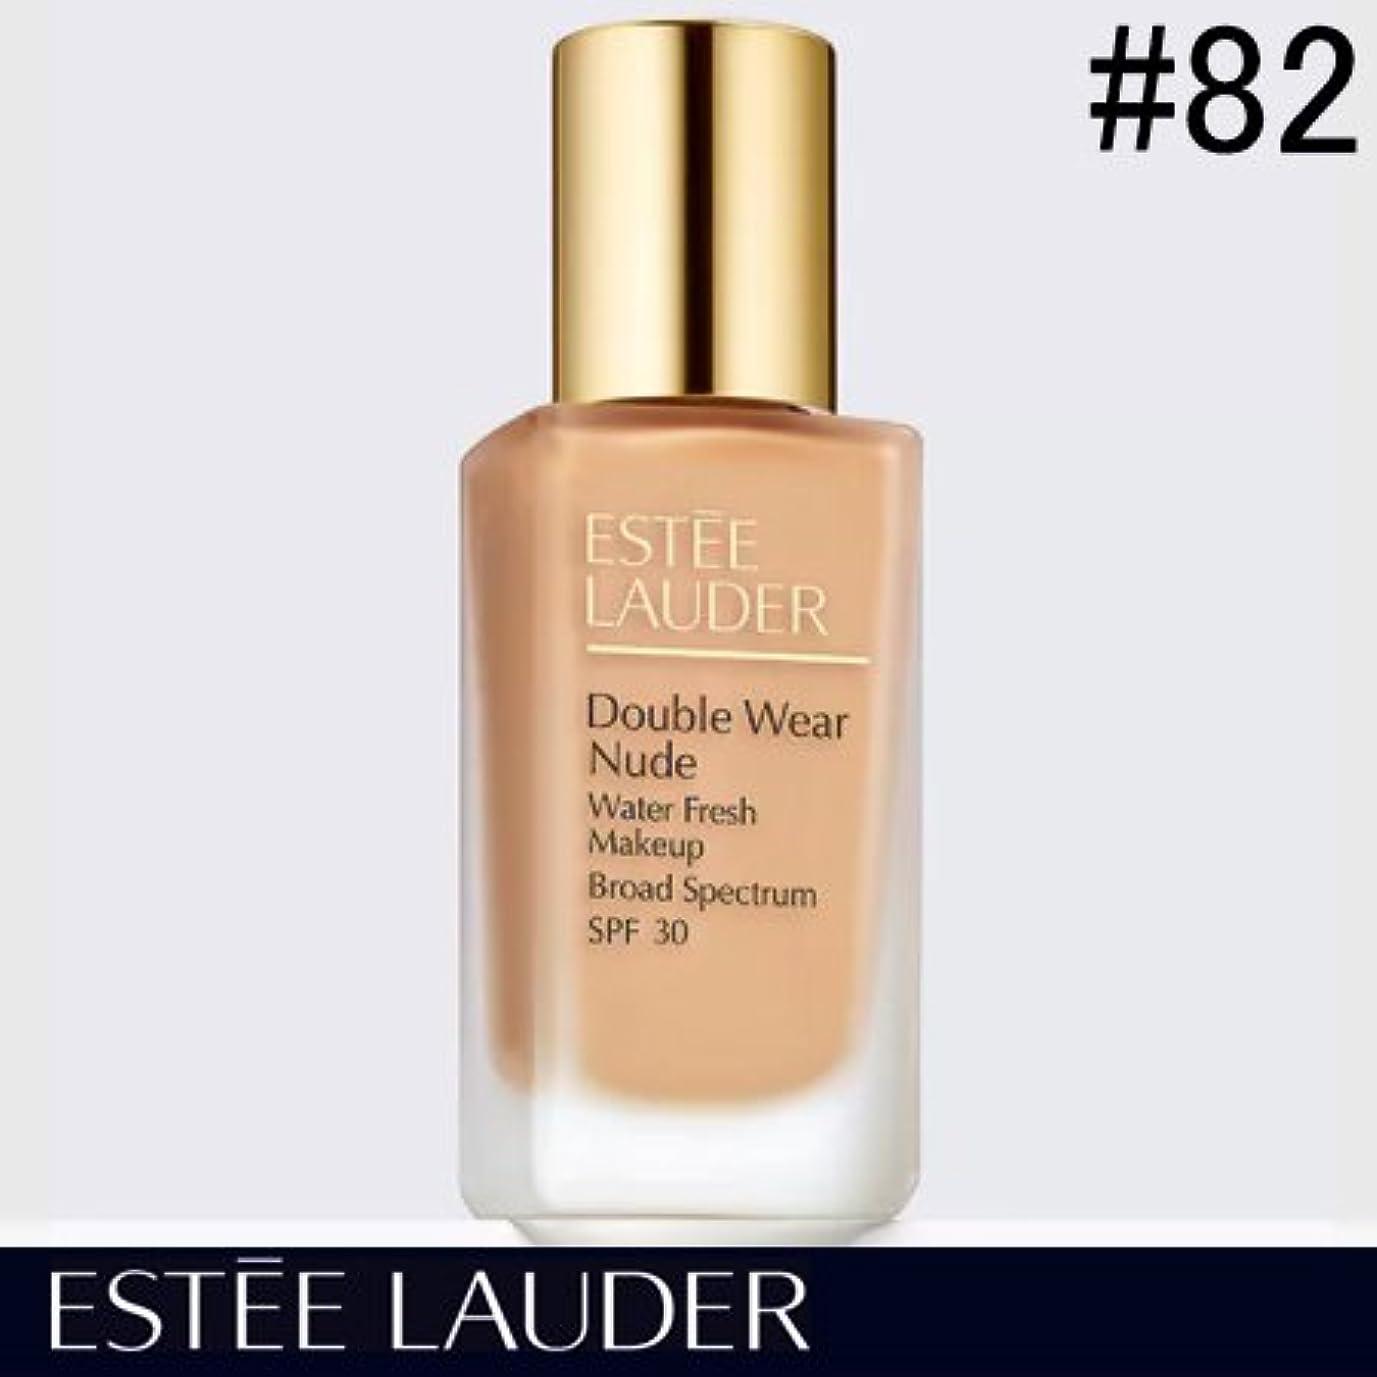 欠乏に対応に向けて出発エスティローダー ダブル ウェア ヌード ウォーター フレッシュ メークアップ #82 ウォームバニラ -ESTEE LAUDER-